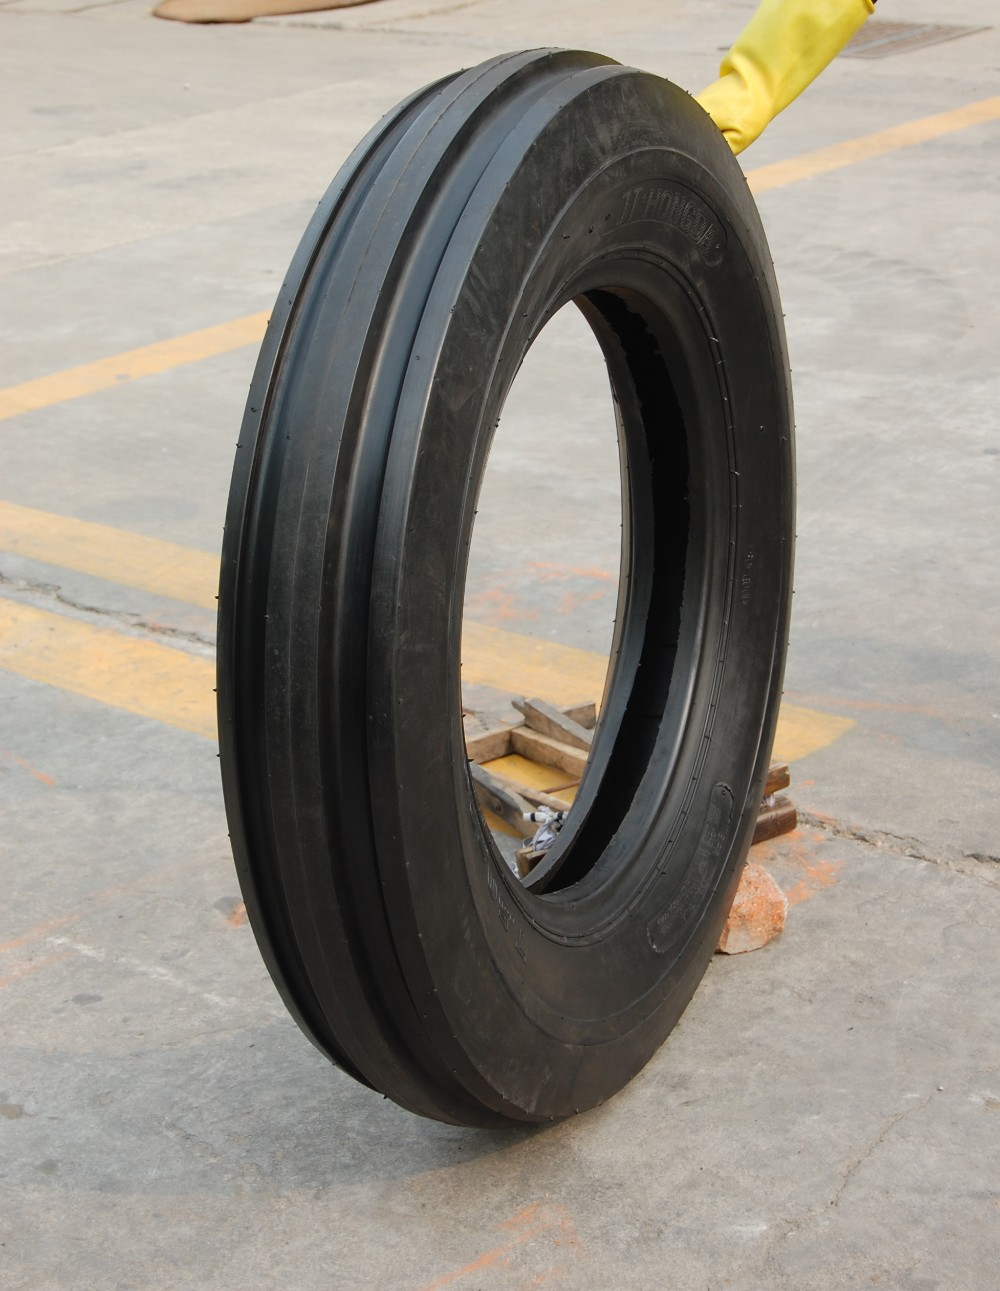 caoutchouc tube pneu type tracteurs ferme utiliser des machines agricoles pneu 18 4 26 pi ces. Black Bedroom Furniture Sets. Home Design Ideas